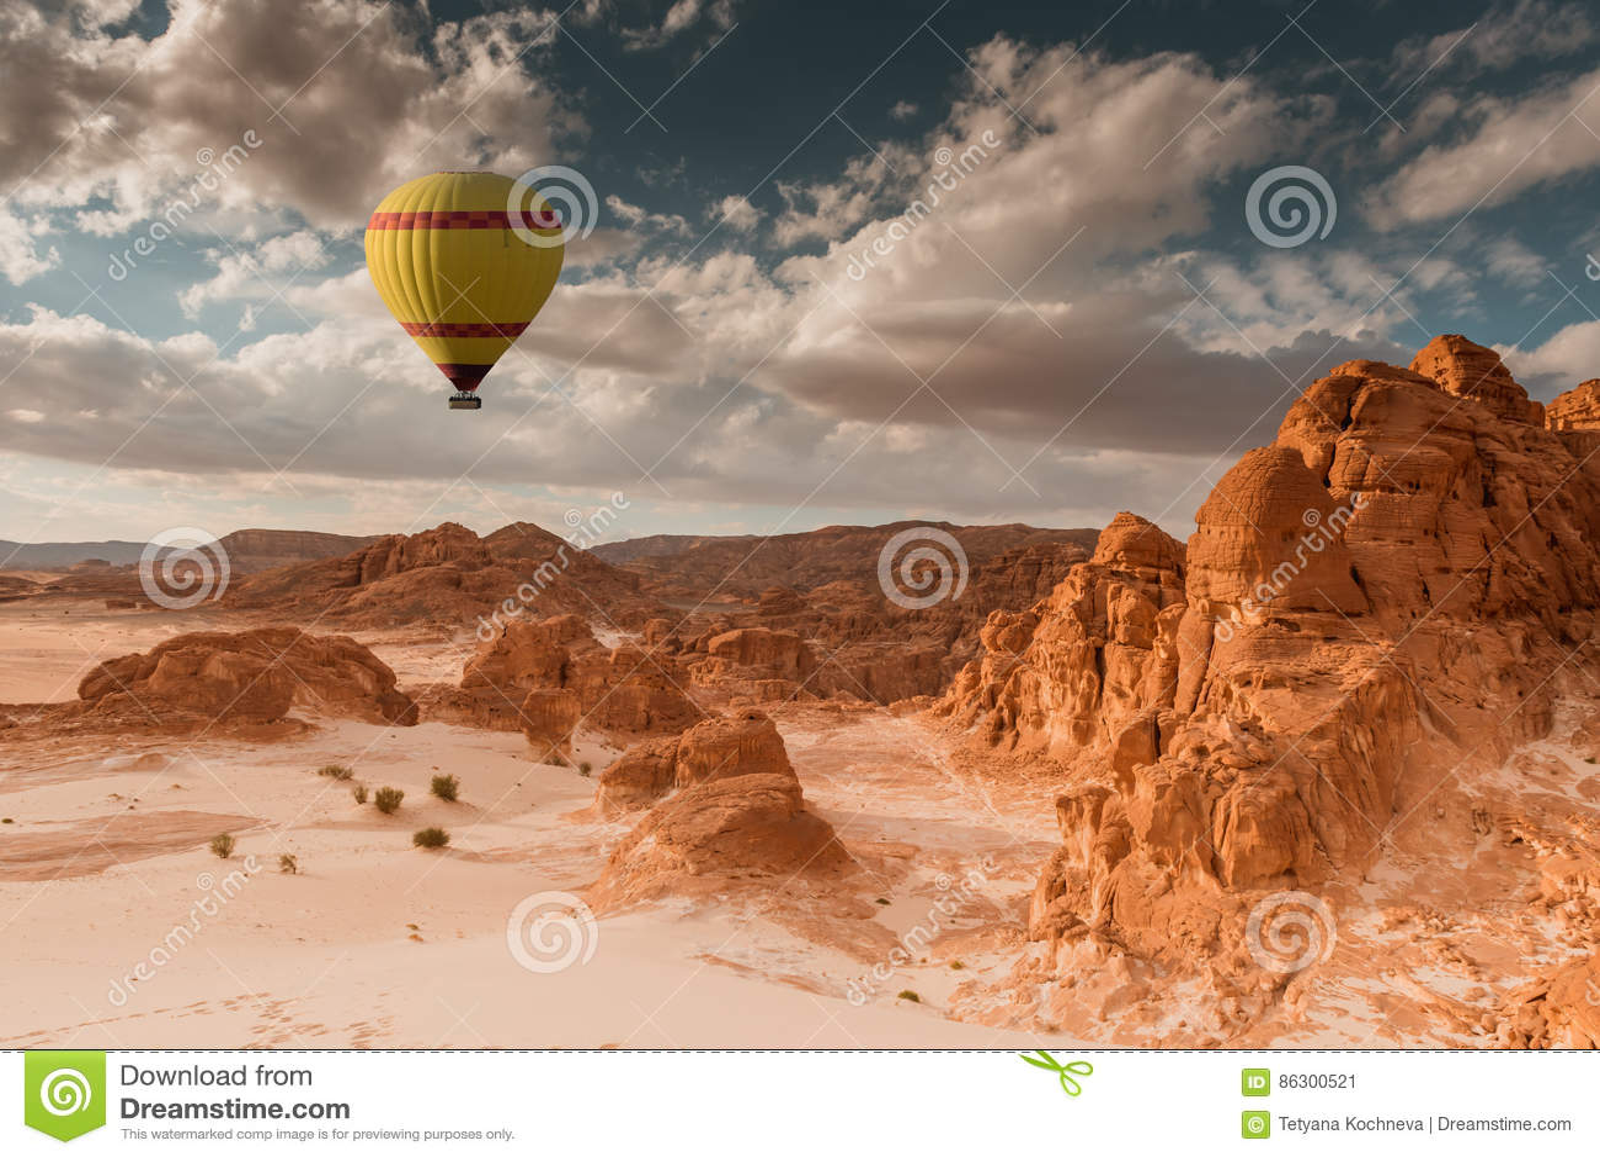 La mongolfiera scruta il deserto